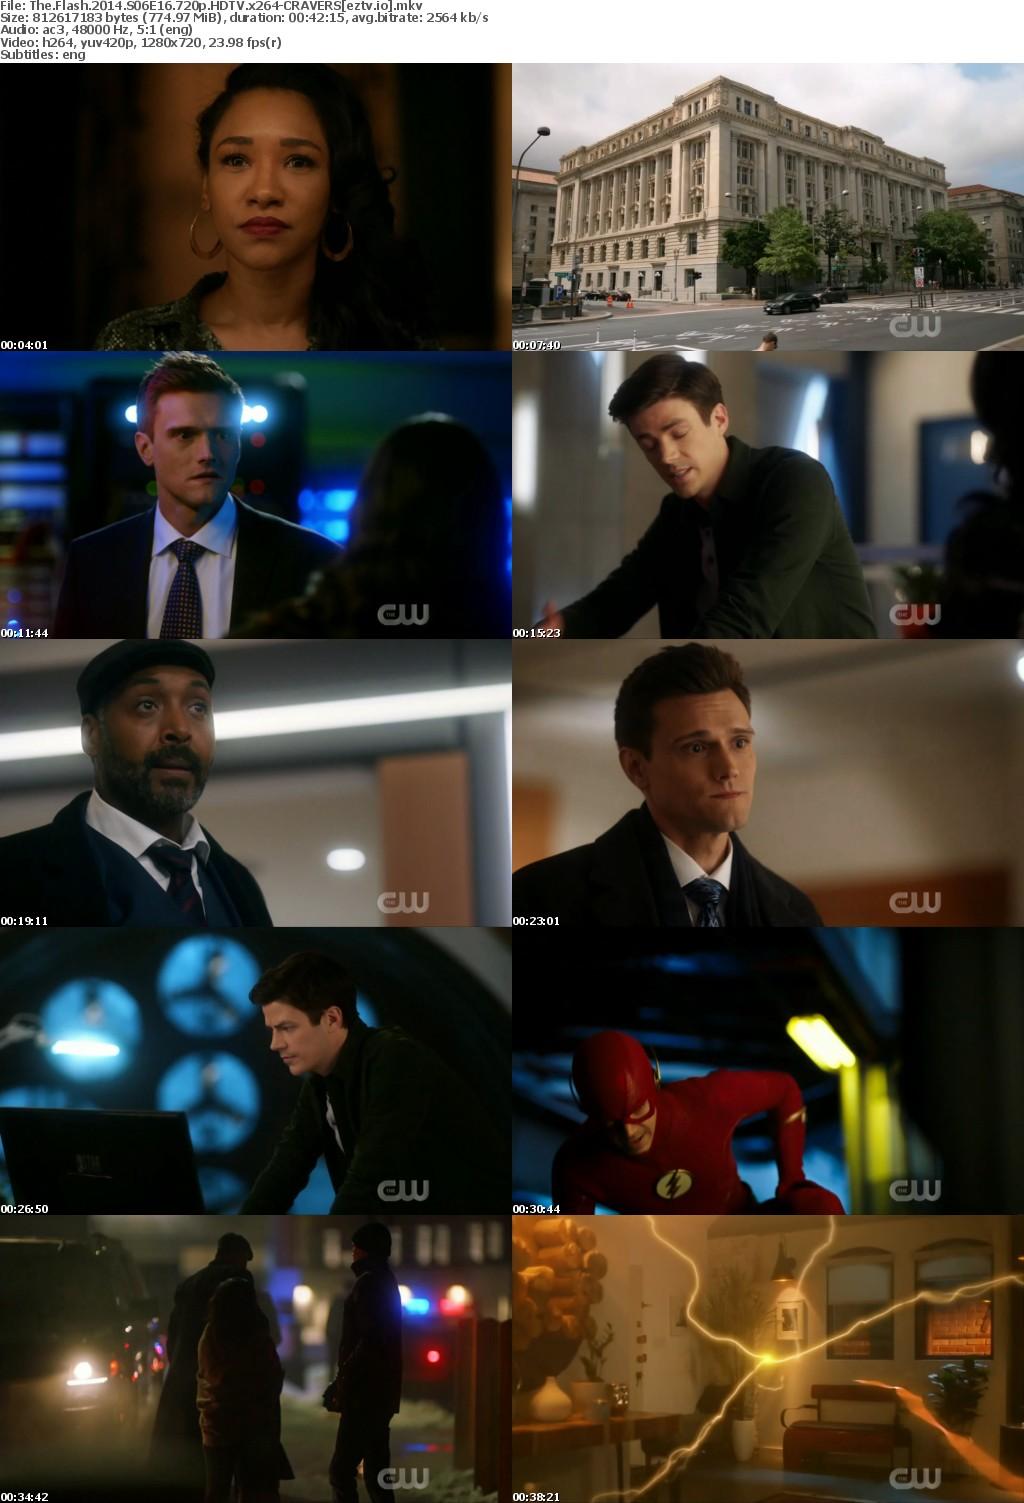 The Flash 2014 S06E16 720p HDTV x264-CRAVERS